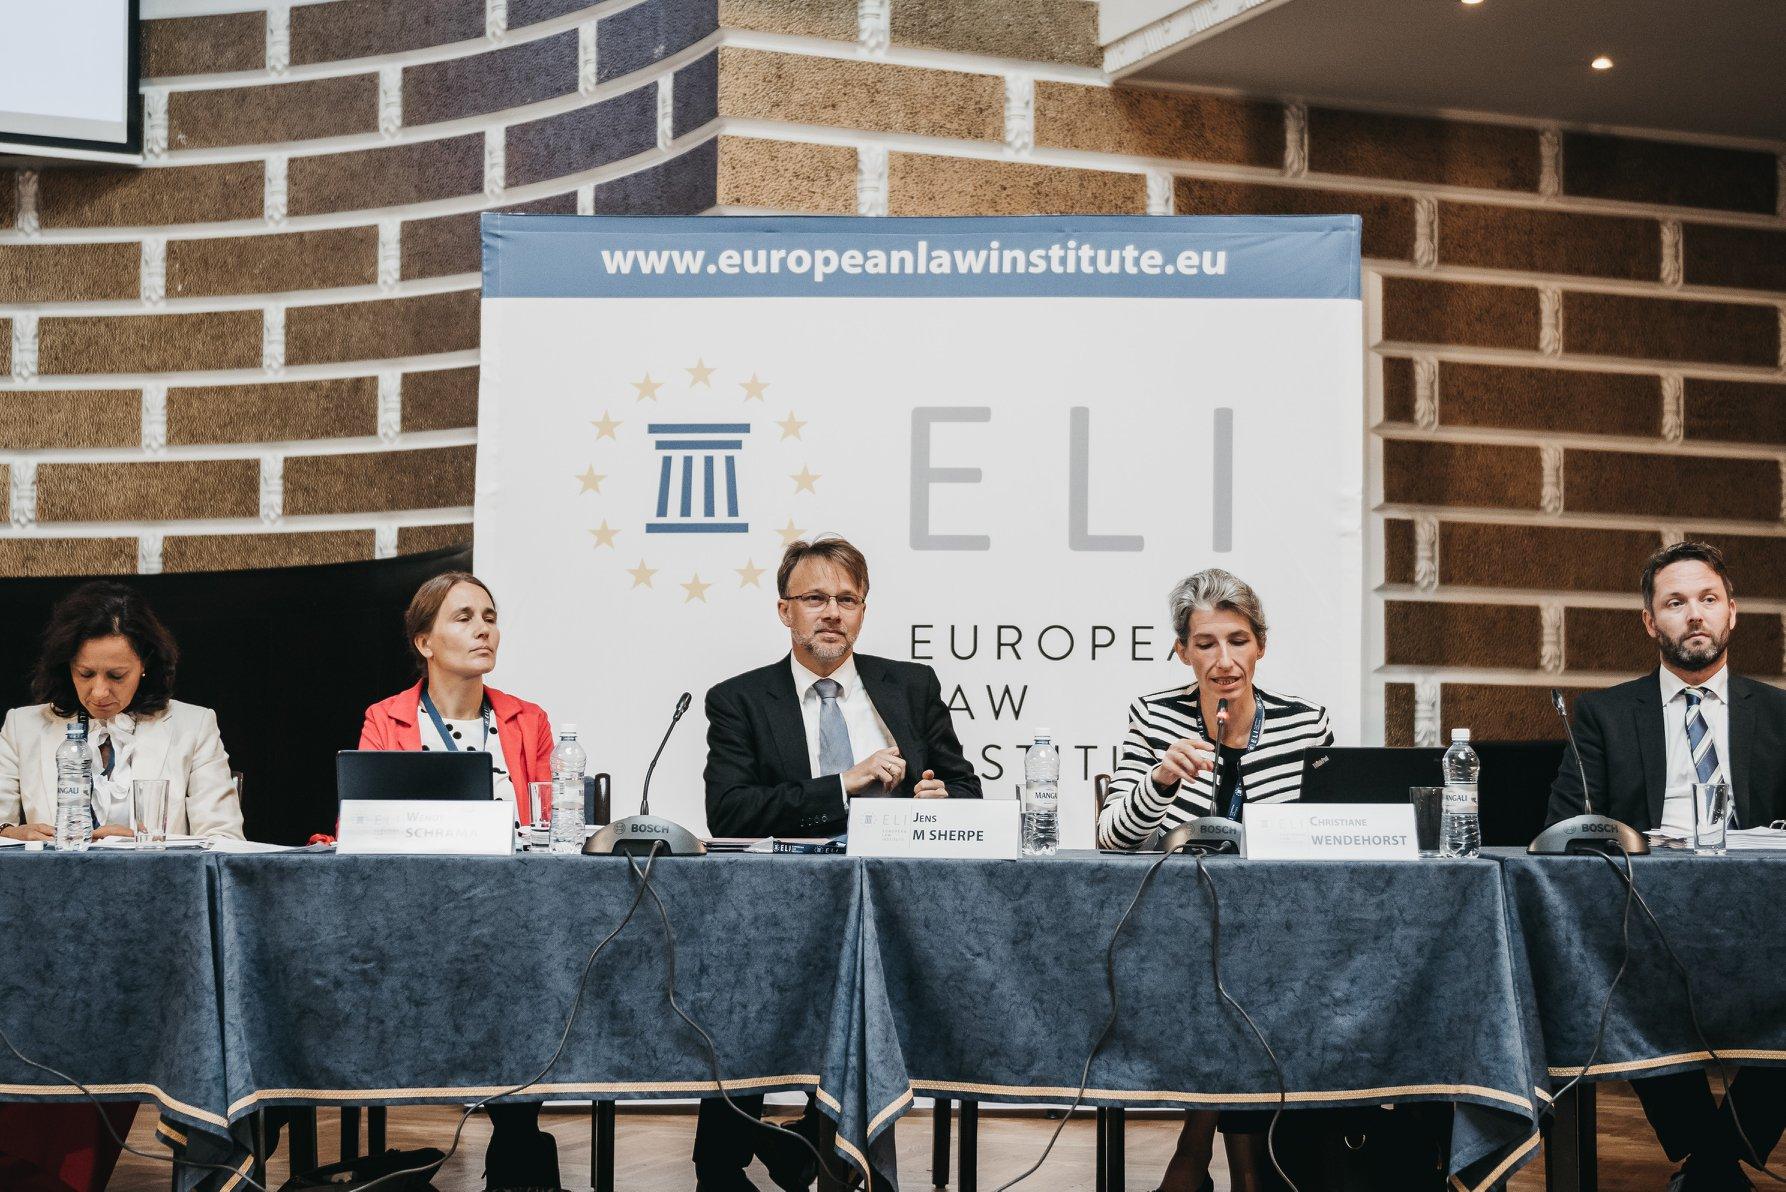 Me ftesë të Presidentes së Institutit për të Drejtën Evropiane (ELI) Znj. Christiane Wendehorst, Kryetari i Gjykatës së Lartë Z. Xhezair Zaganjori mori pjesë në Konferencën Vjetore dhe Asamblenë e Përgjithshme të këtij Instituti.